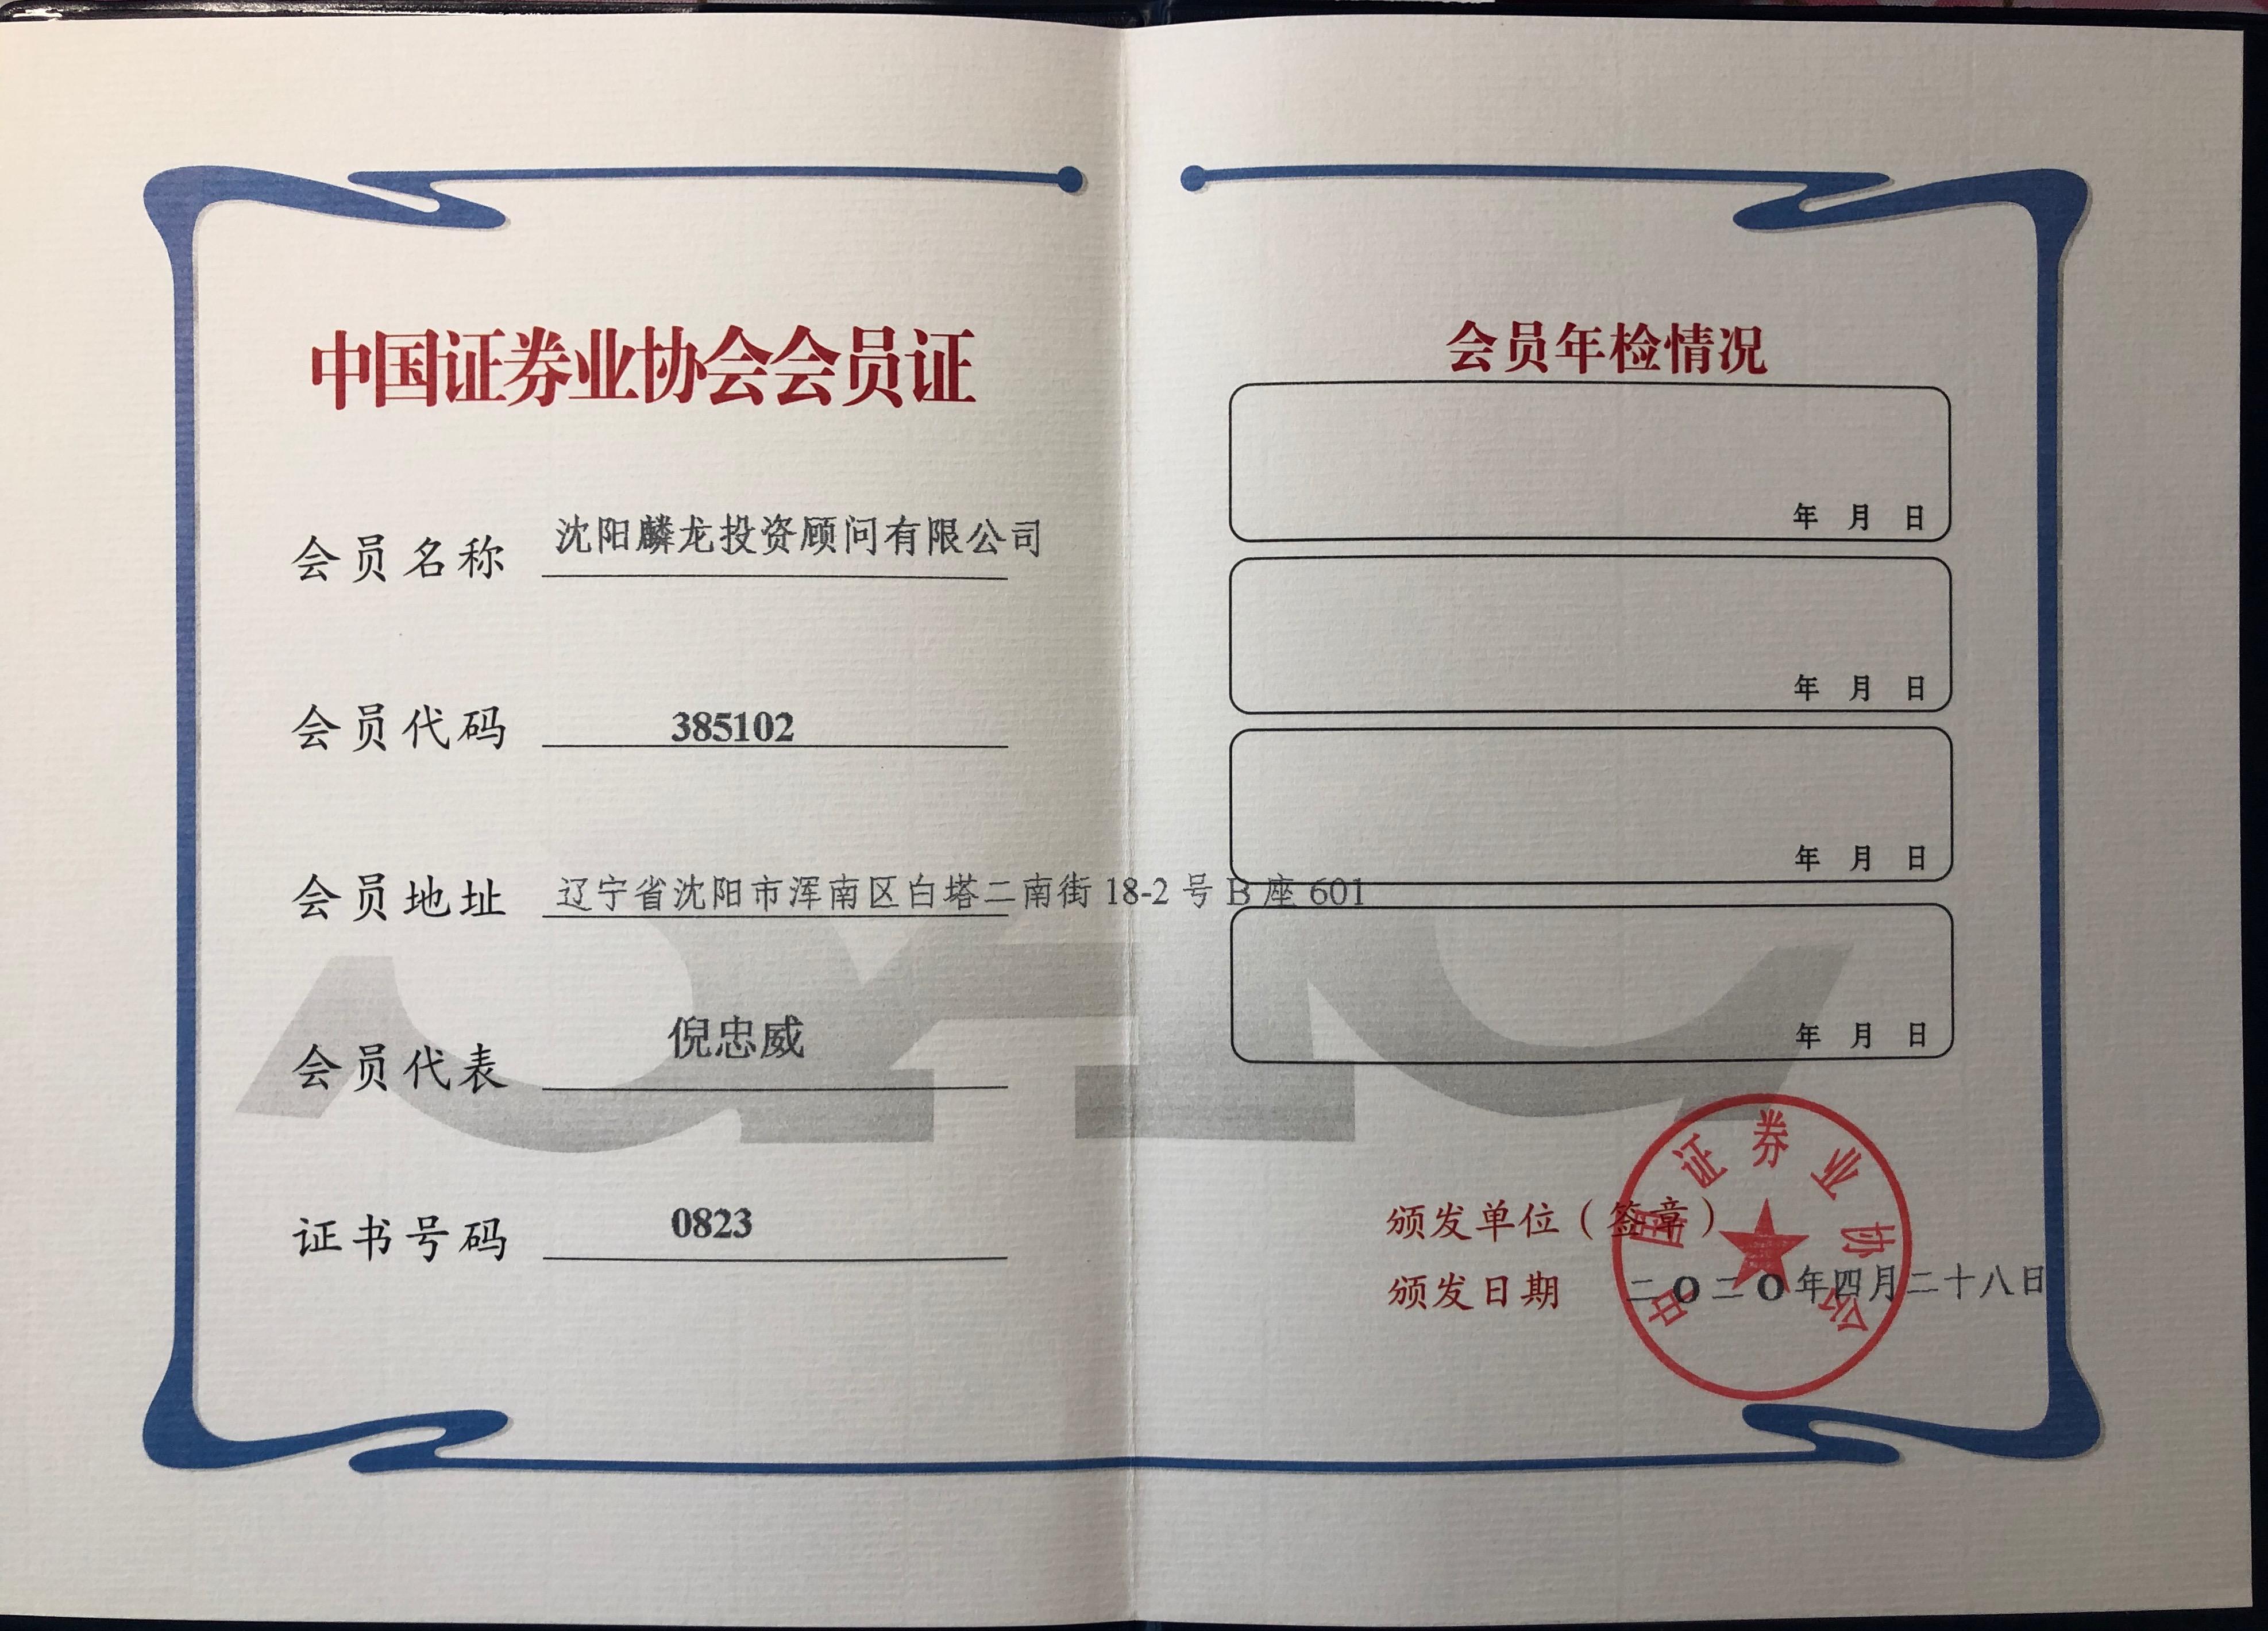 中国证券业协会会员证